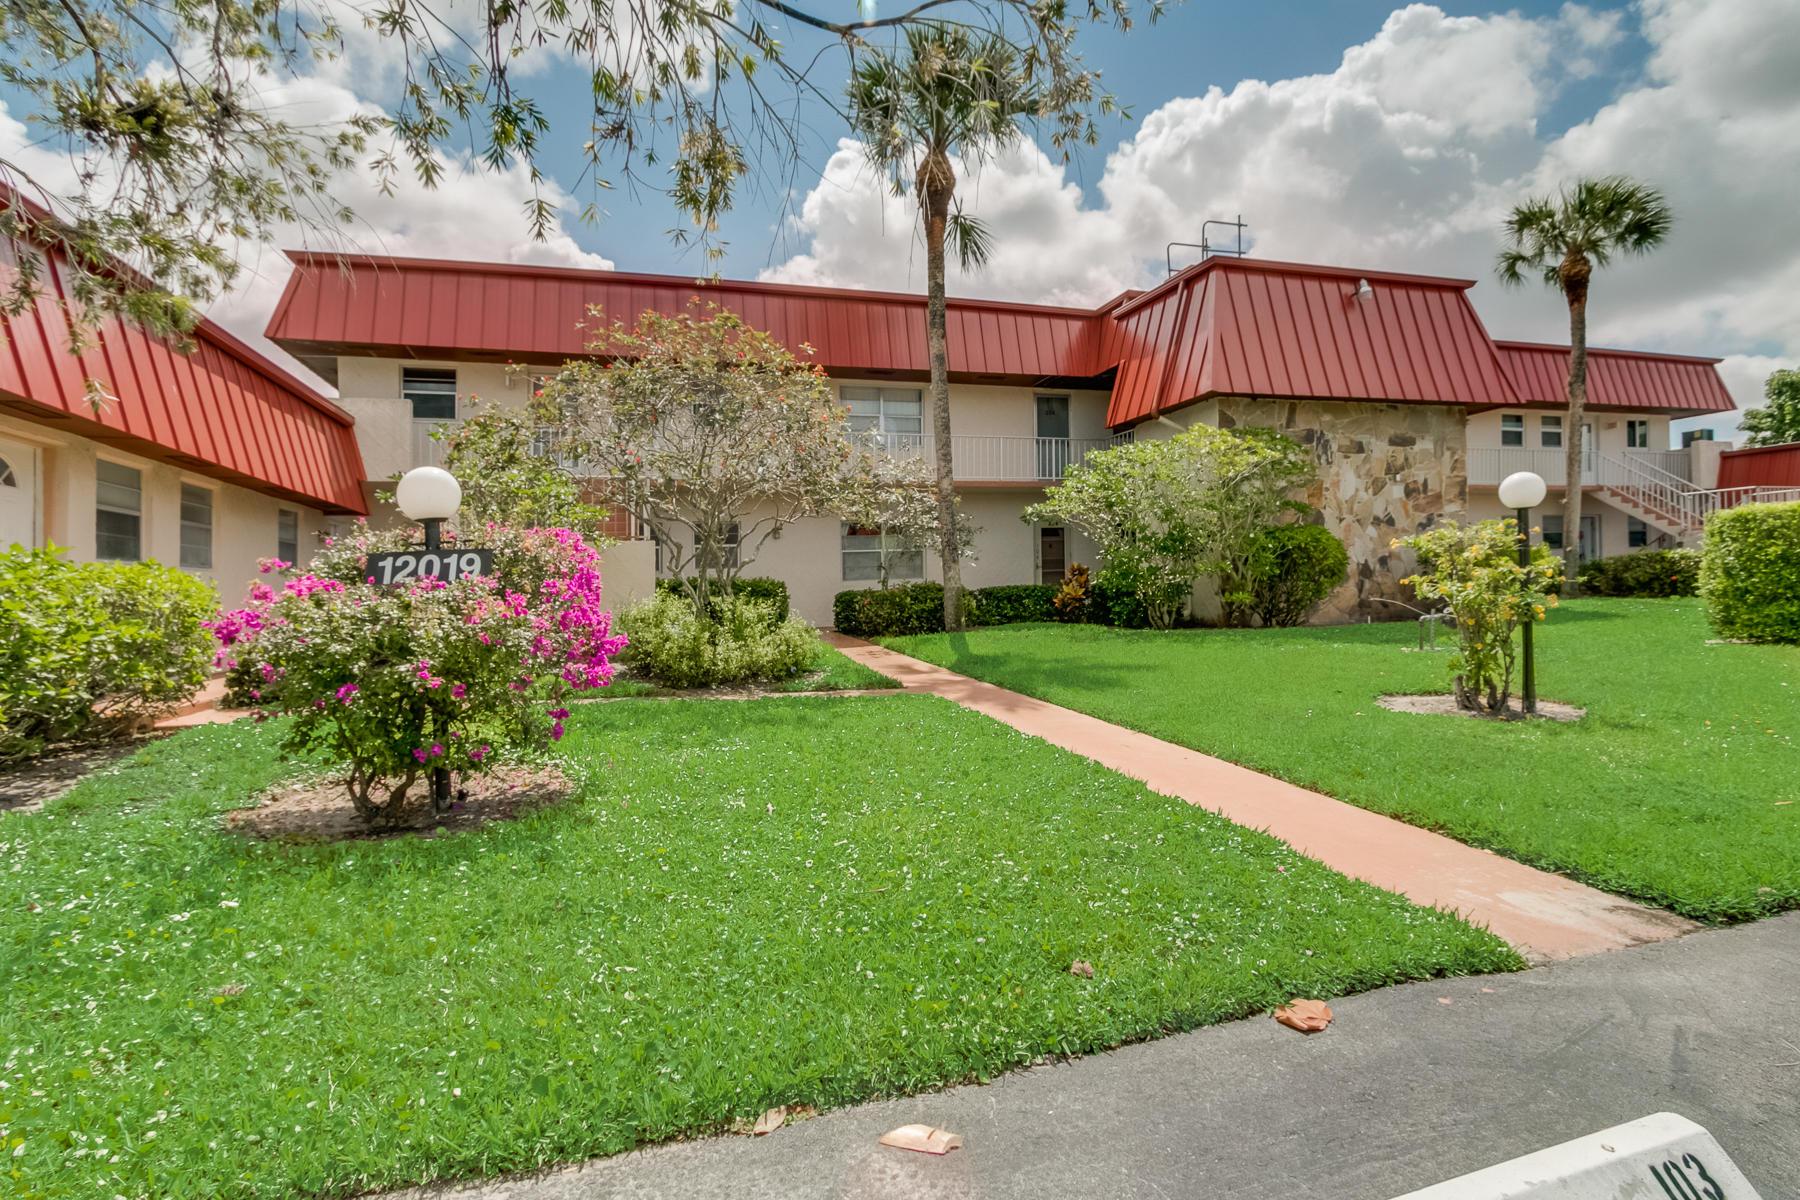 12019 Greenway Drive, Royal Palm Beach, Florida 33411, 2 Bedrooms Bedrooms, ,2 BathroomsBathrooms,Condo/Coop,For Sale,Greenway,2,RX-10529337